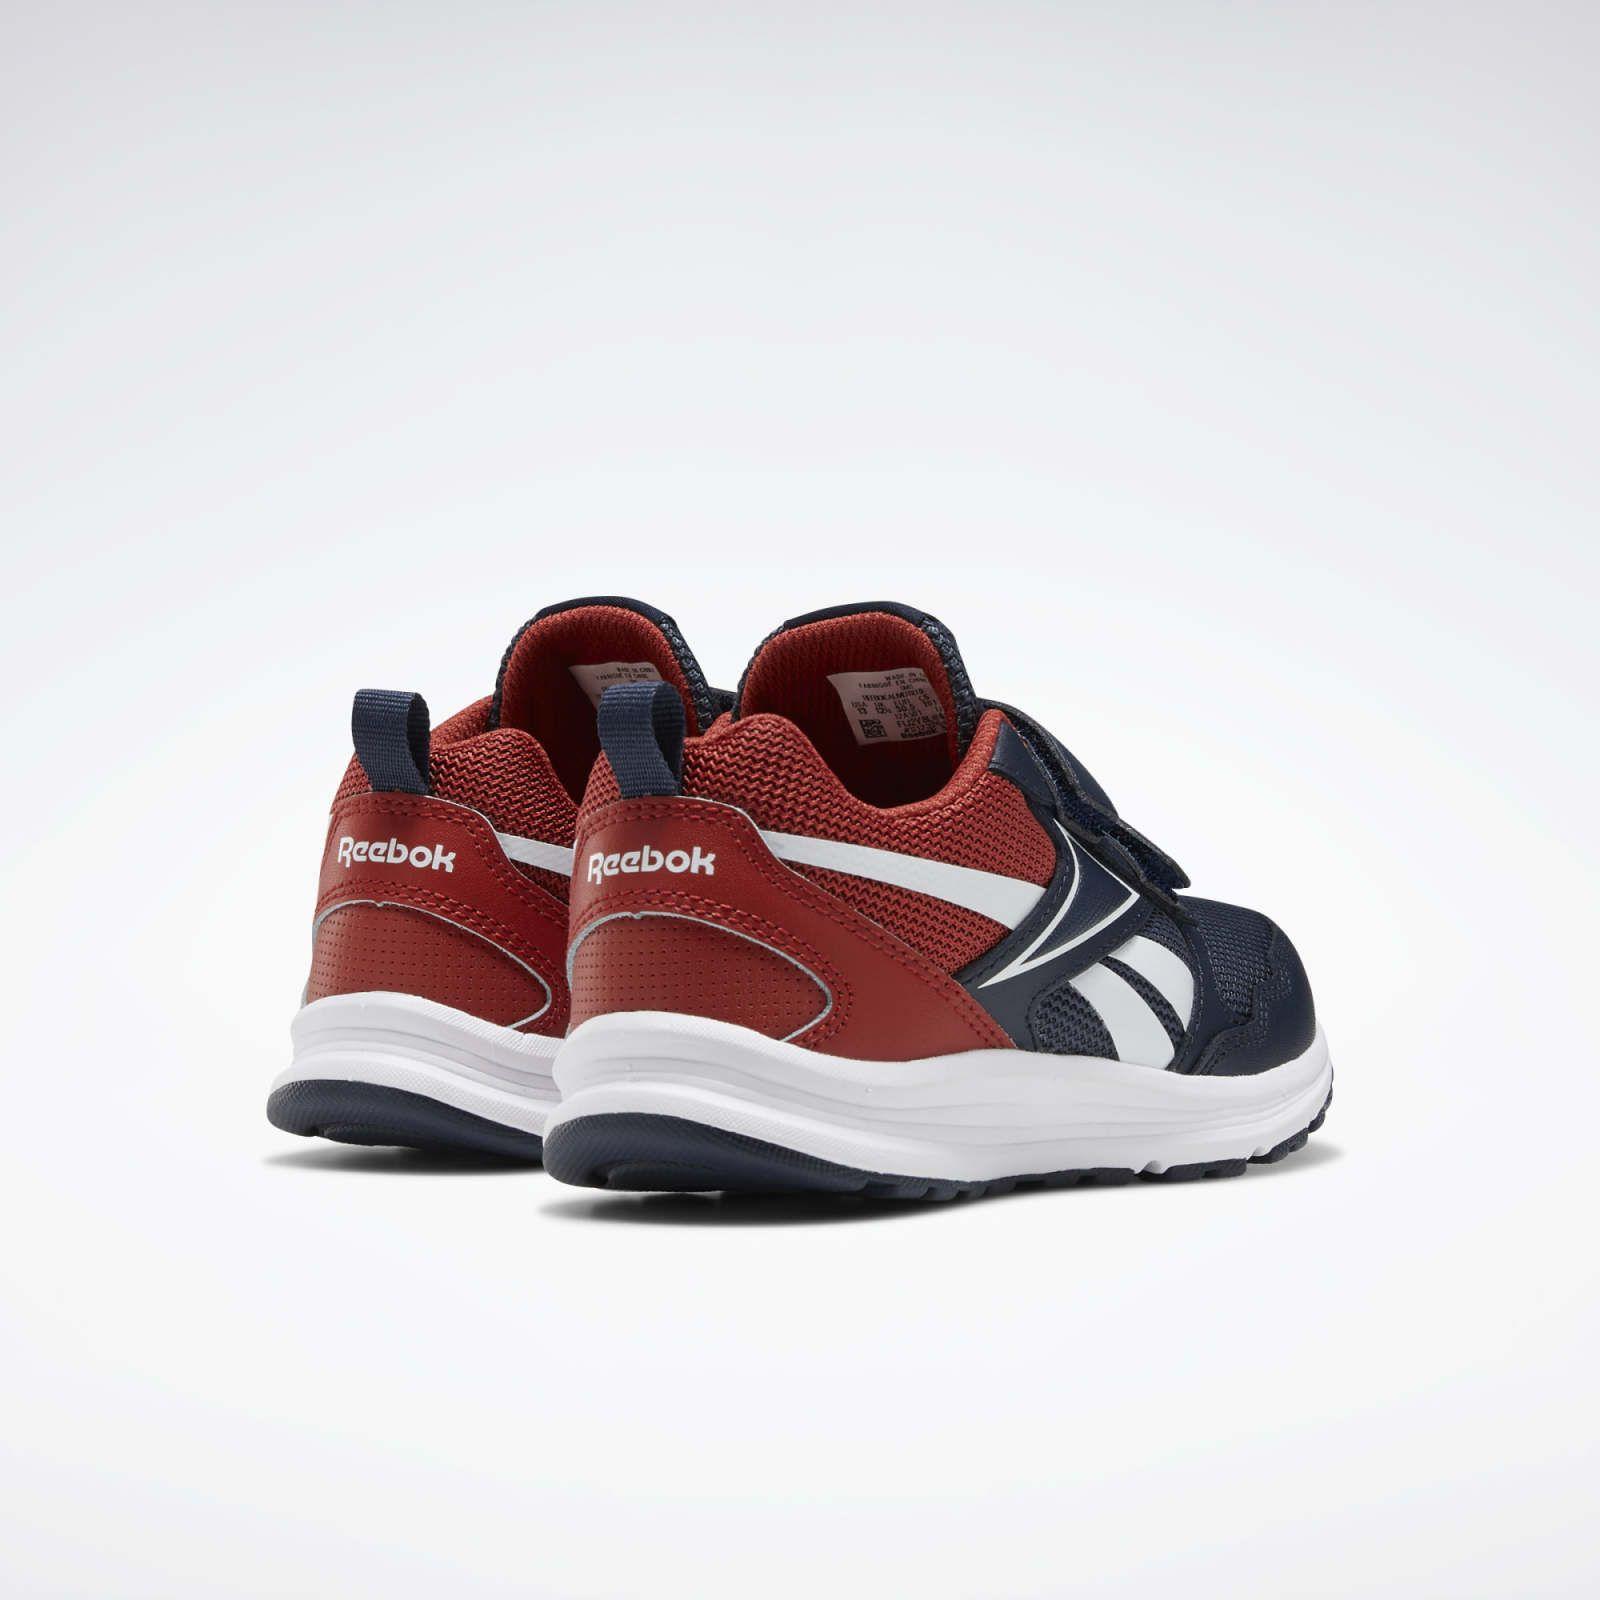 کفش مخصوص دویدن بچگانه ریباک مدل ALMOTIO 5.0 2V EF3328 -  - 8